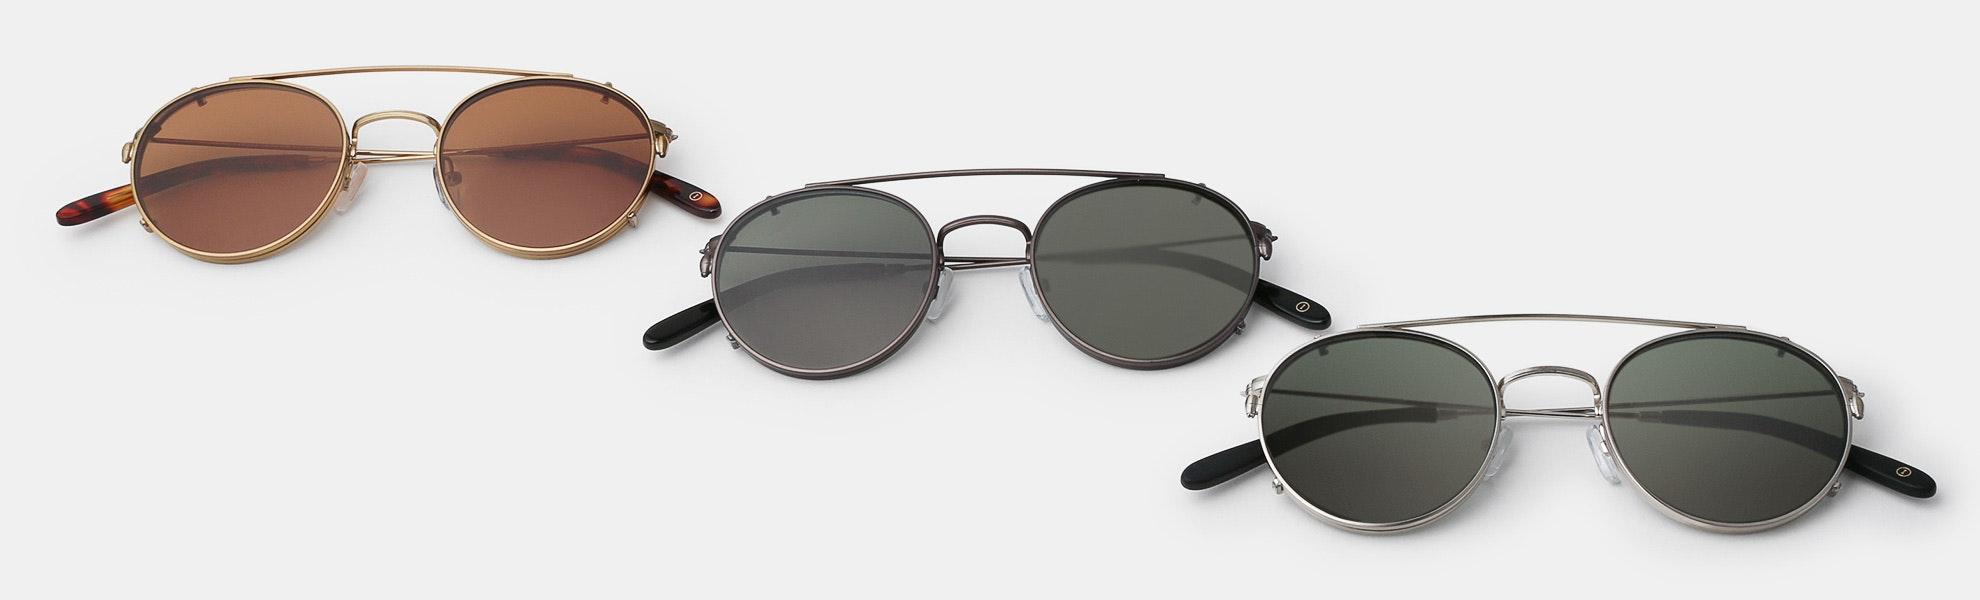 Inventery Clip-On Sunglasses